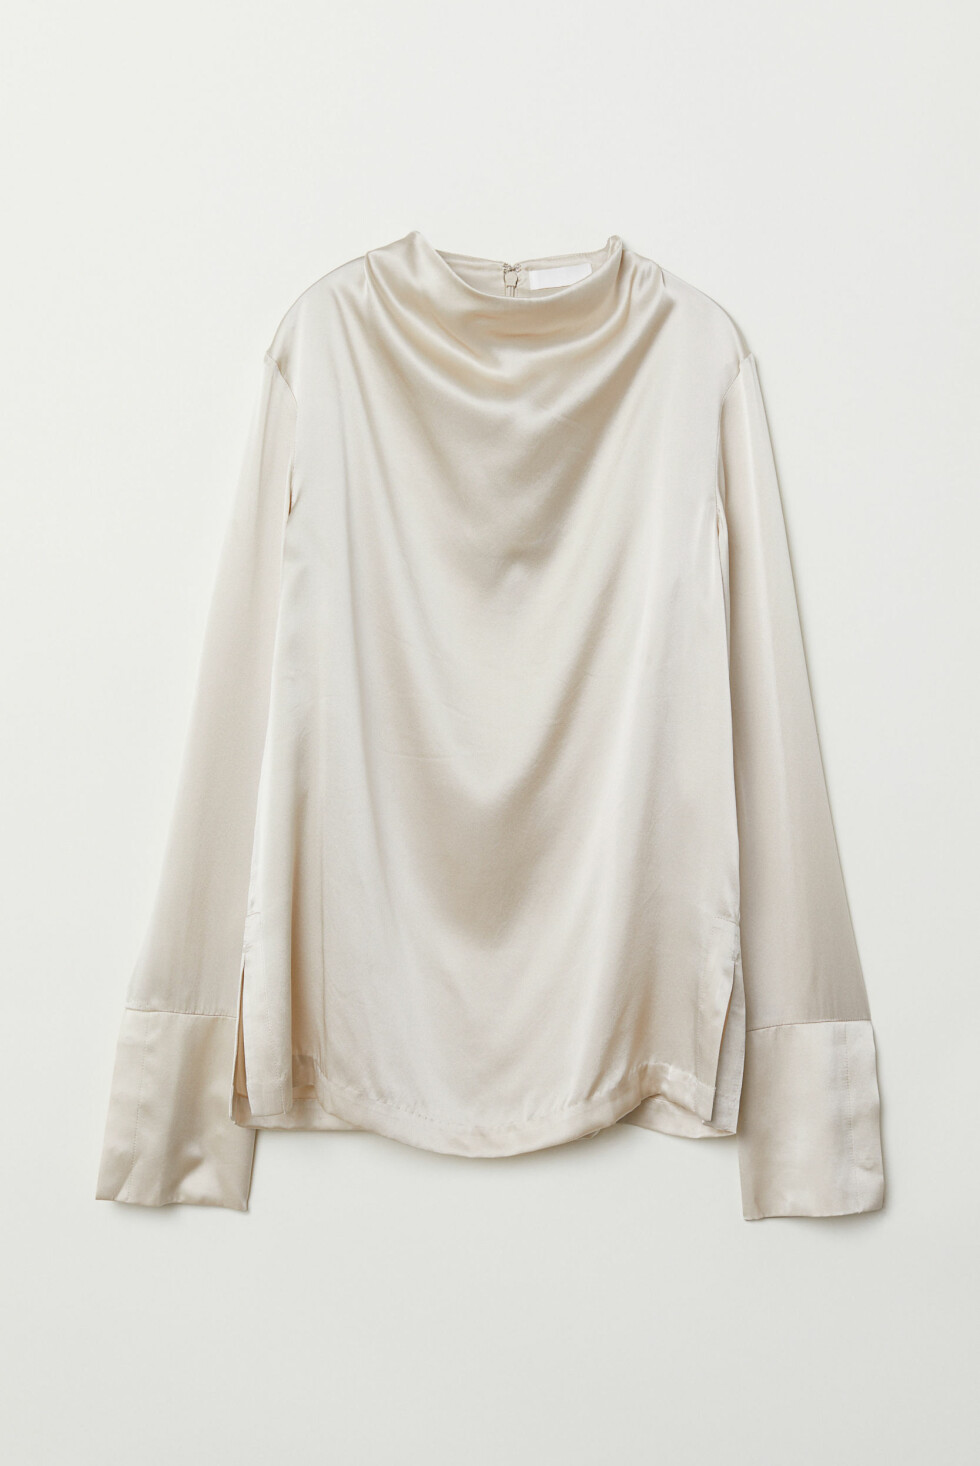 Silketopp fra H&M |1000,-| https://www2.hm.com/no_no/productpage.0699266001.html